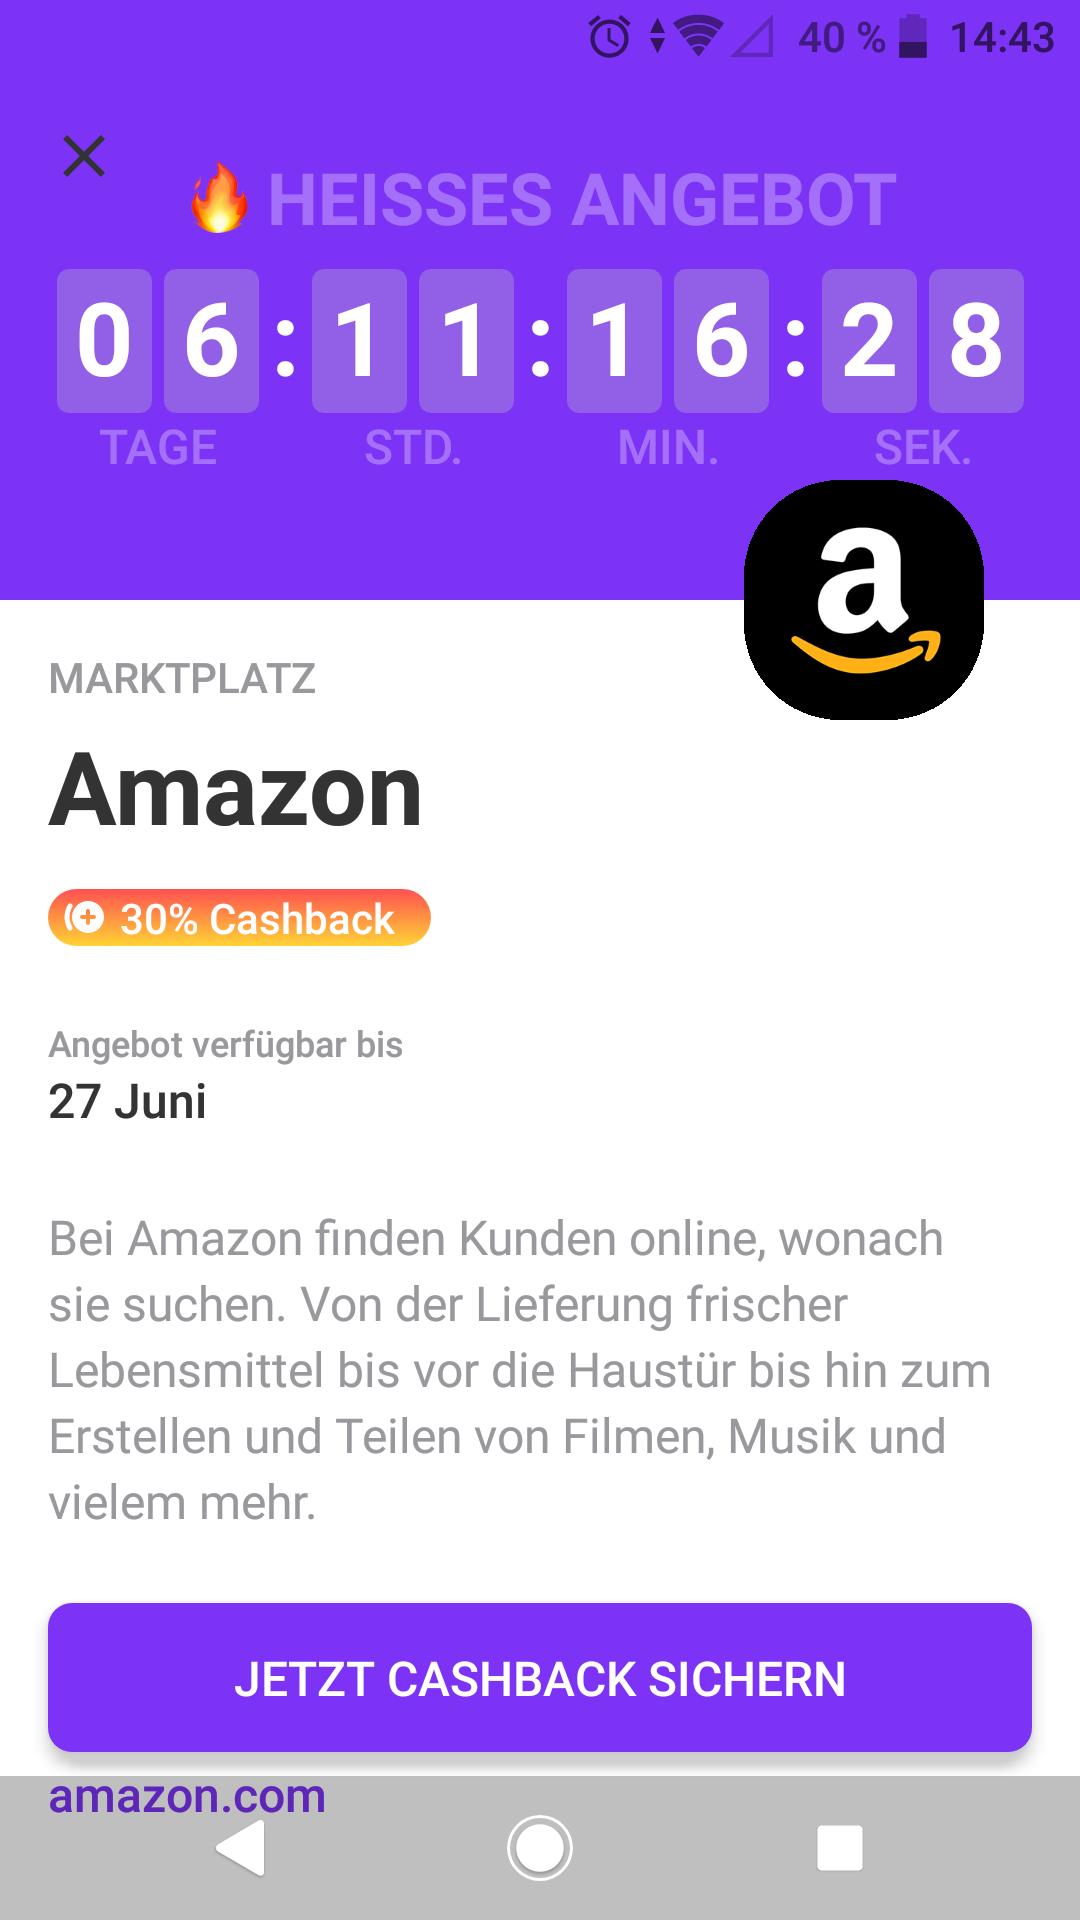 30% Cashback bei Amazon Marktplace personalisiert über vivid super deals bis 27.6 2021